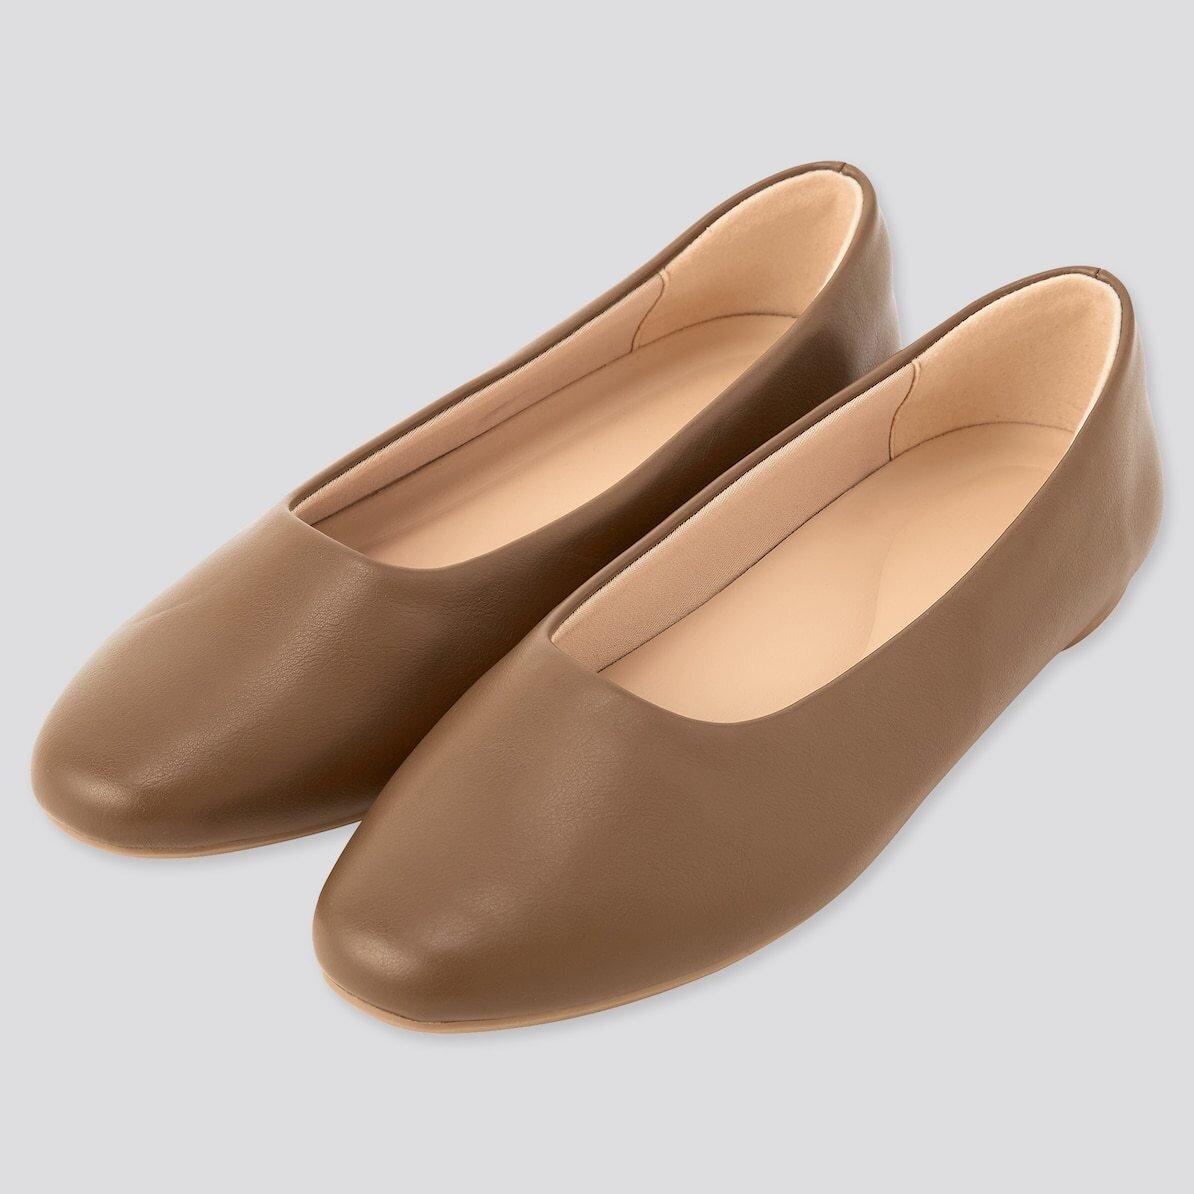 ユニクロ 秋 おすすめ アイテム 2020 初秋 晩夏 人気 おしゃれ レディース トレンド プチプラ 最新 新作 パンプス フラットシューズ フラット フラットパンプス 靴